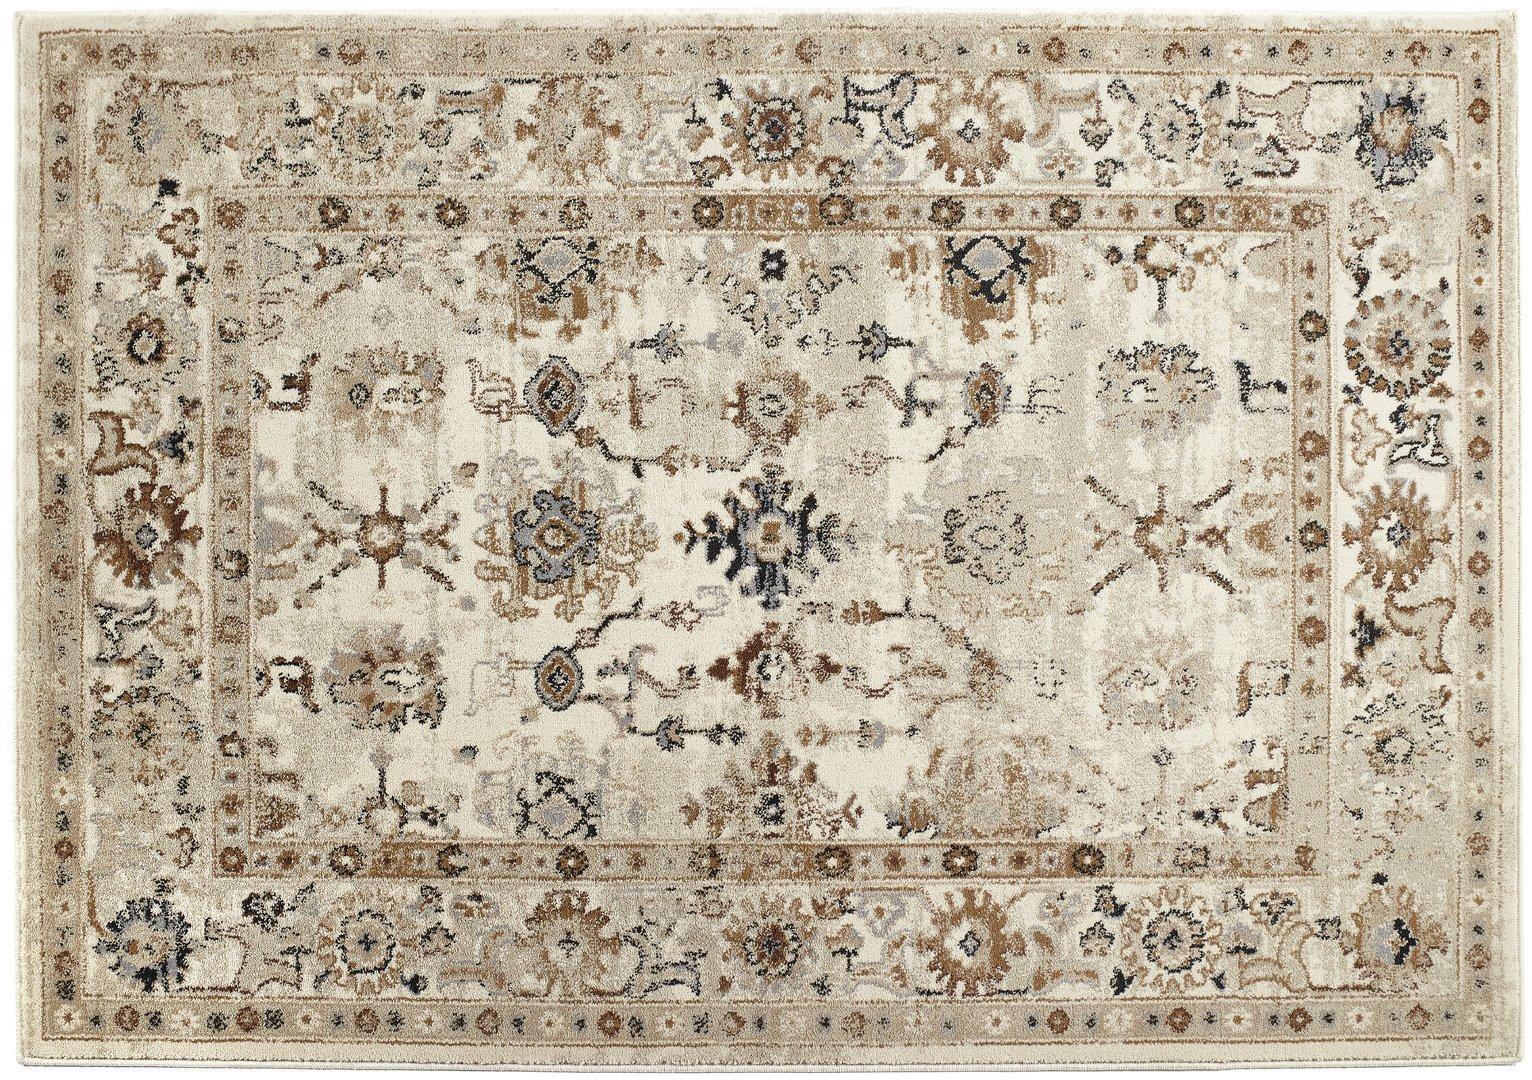 Origins Anatolia Rug - 120x170cm - Natural